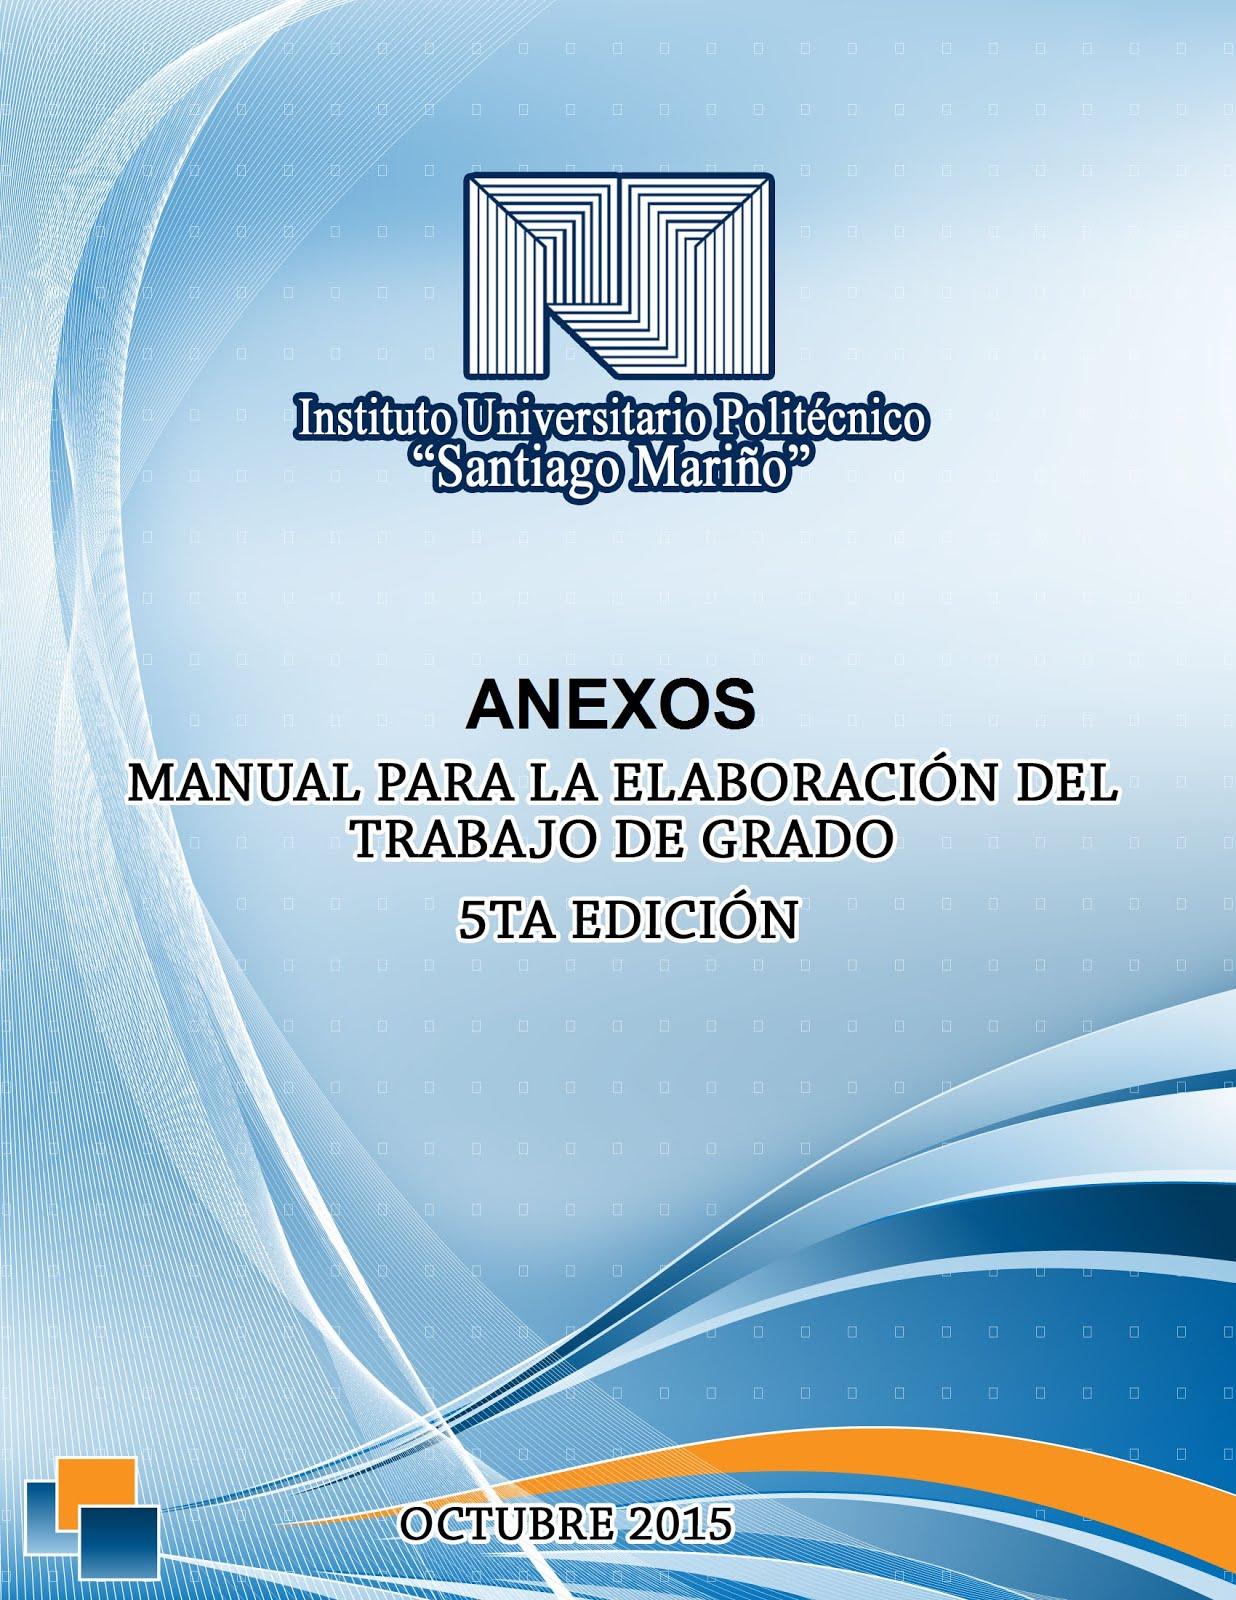 Continuación del Manual de trabajo de grado ANEXOS